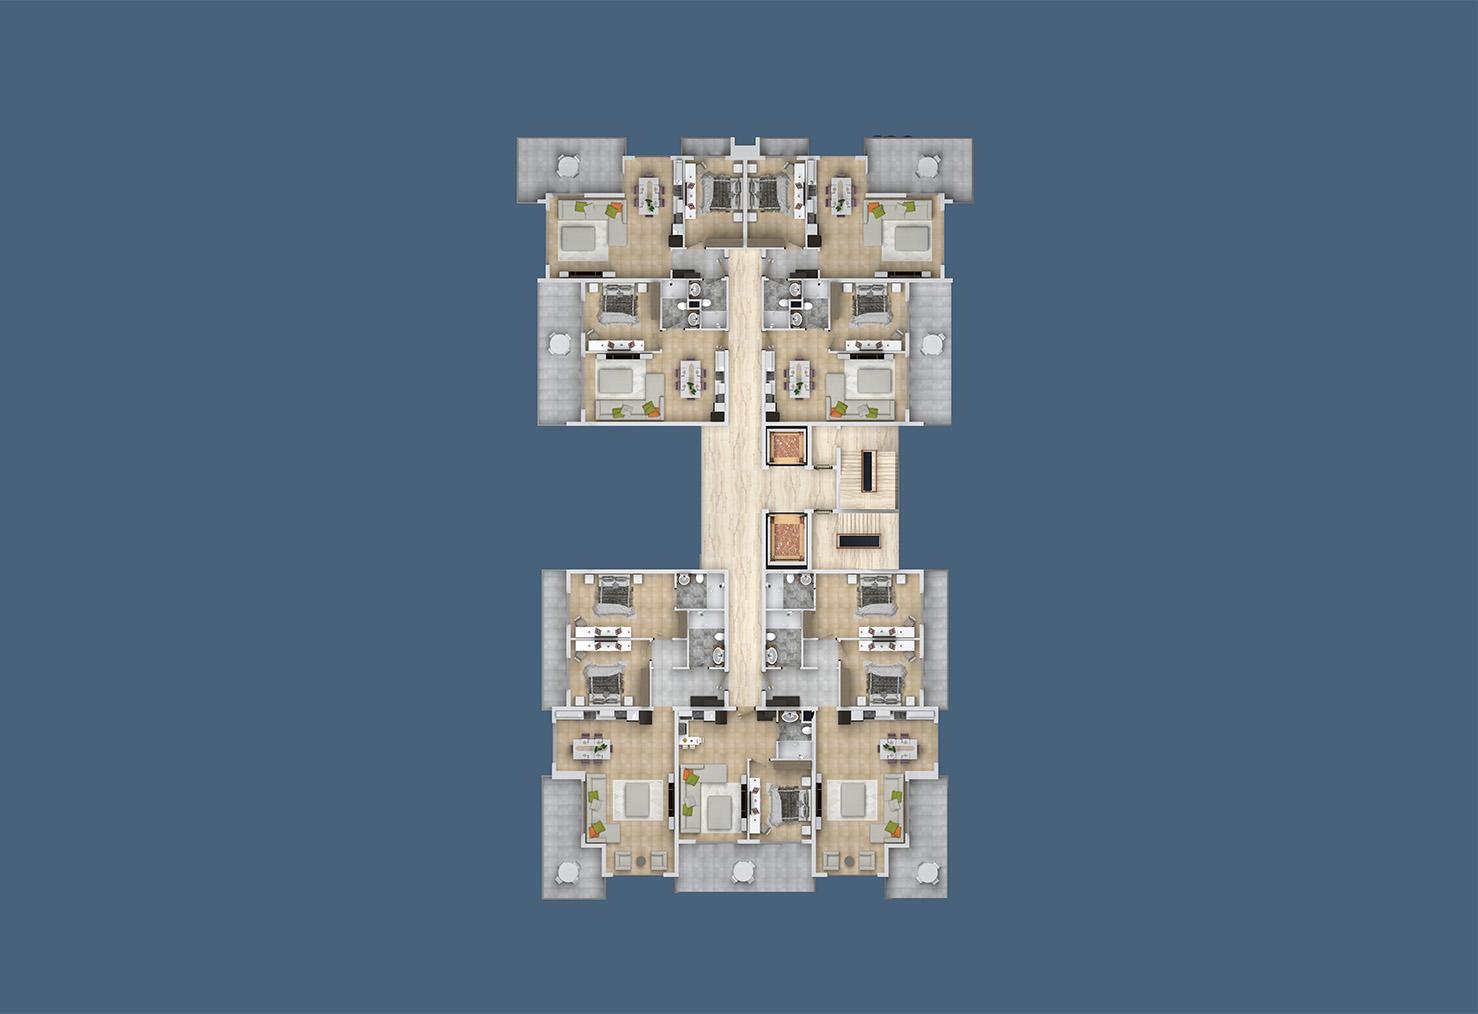 Floor 11